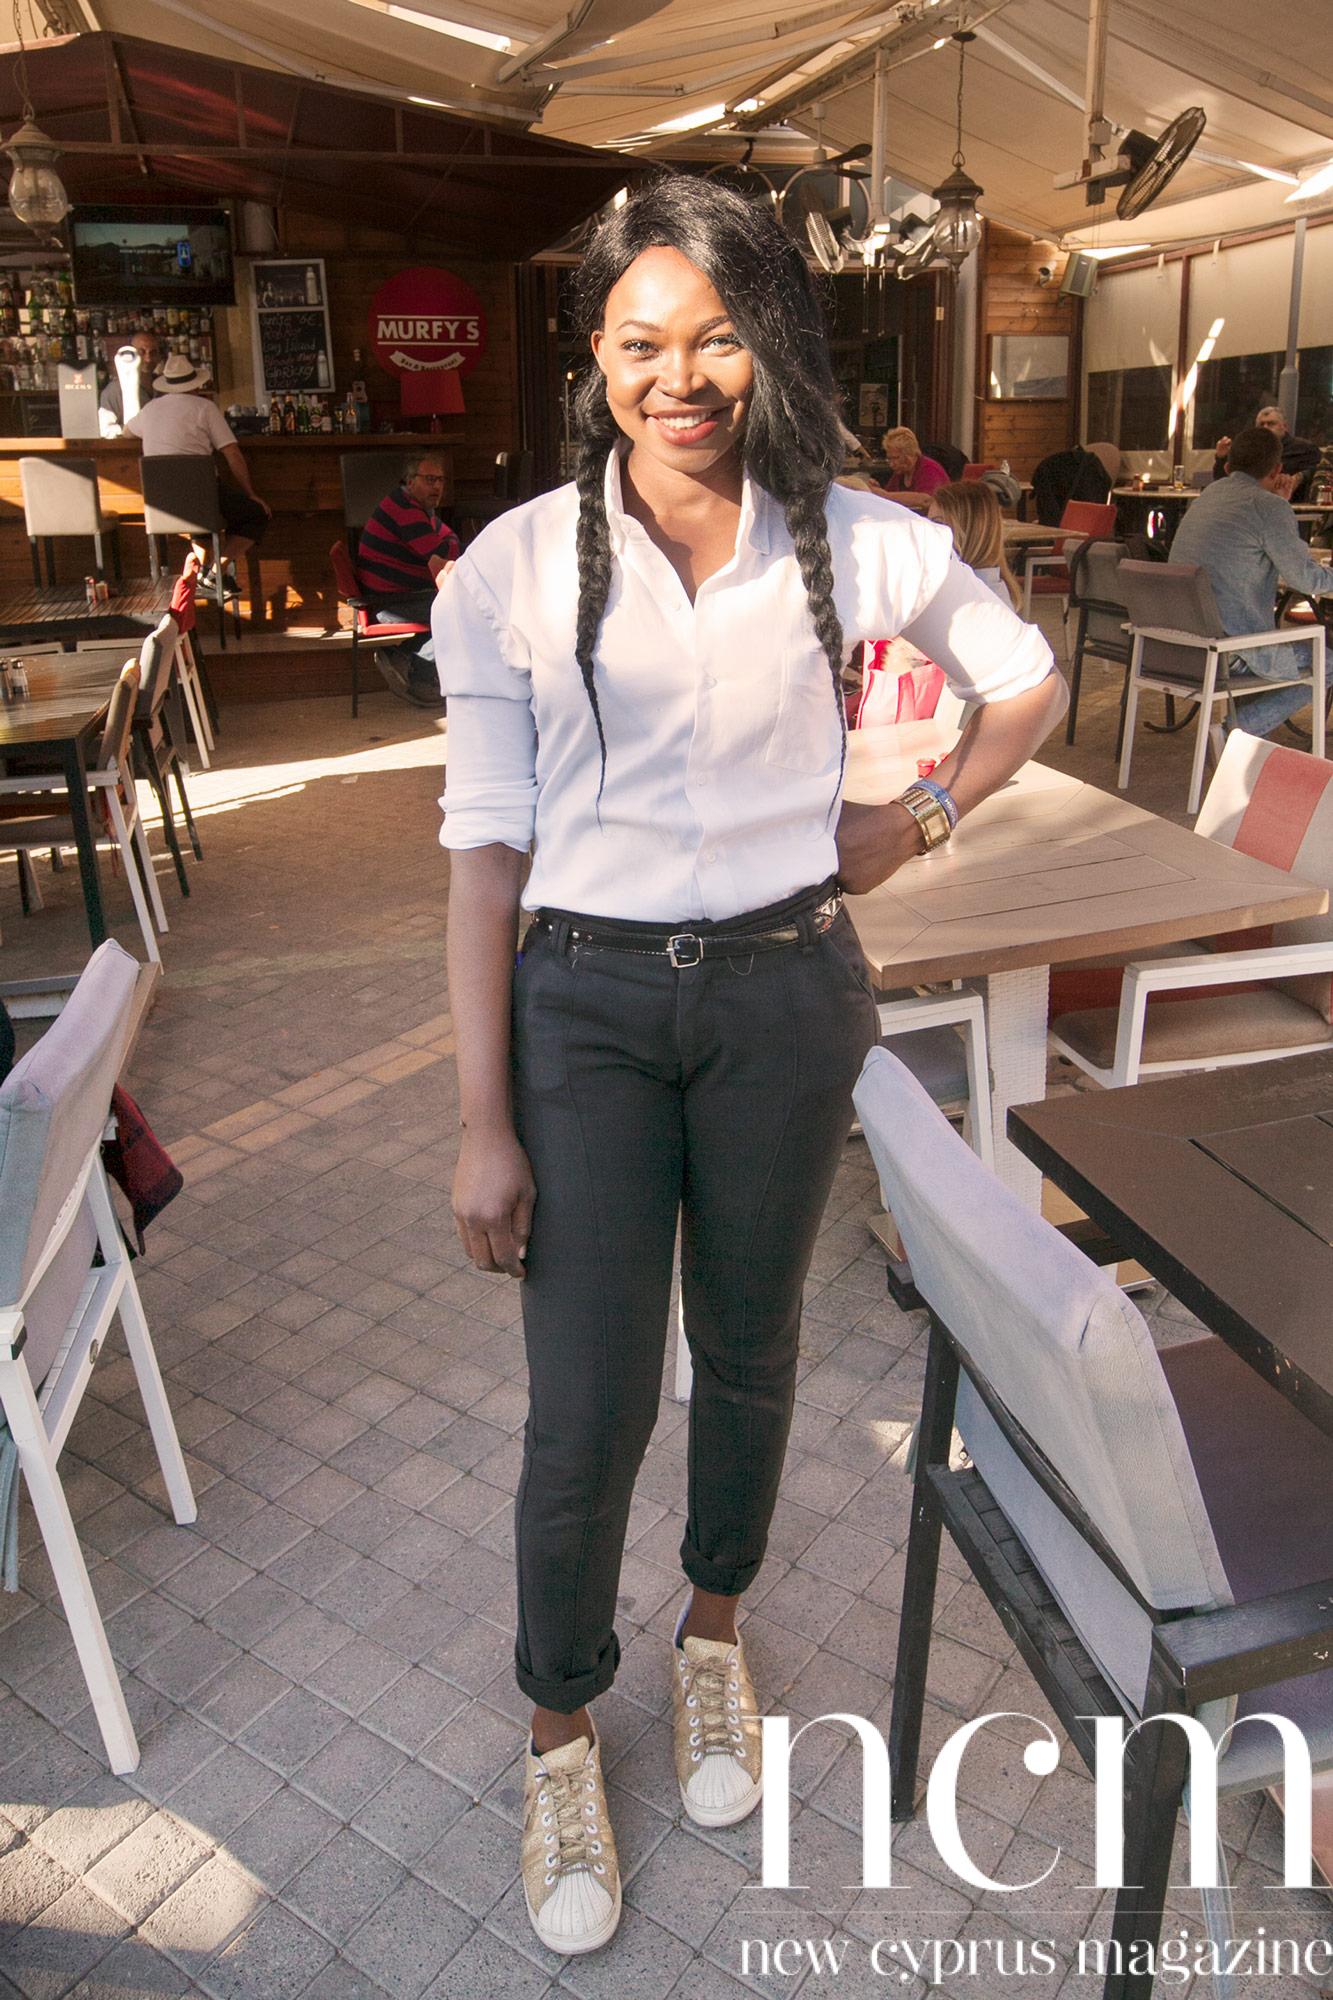 Smiling waitress